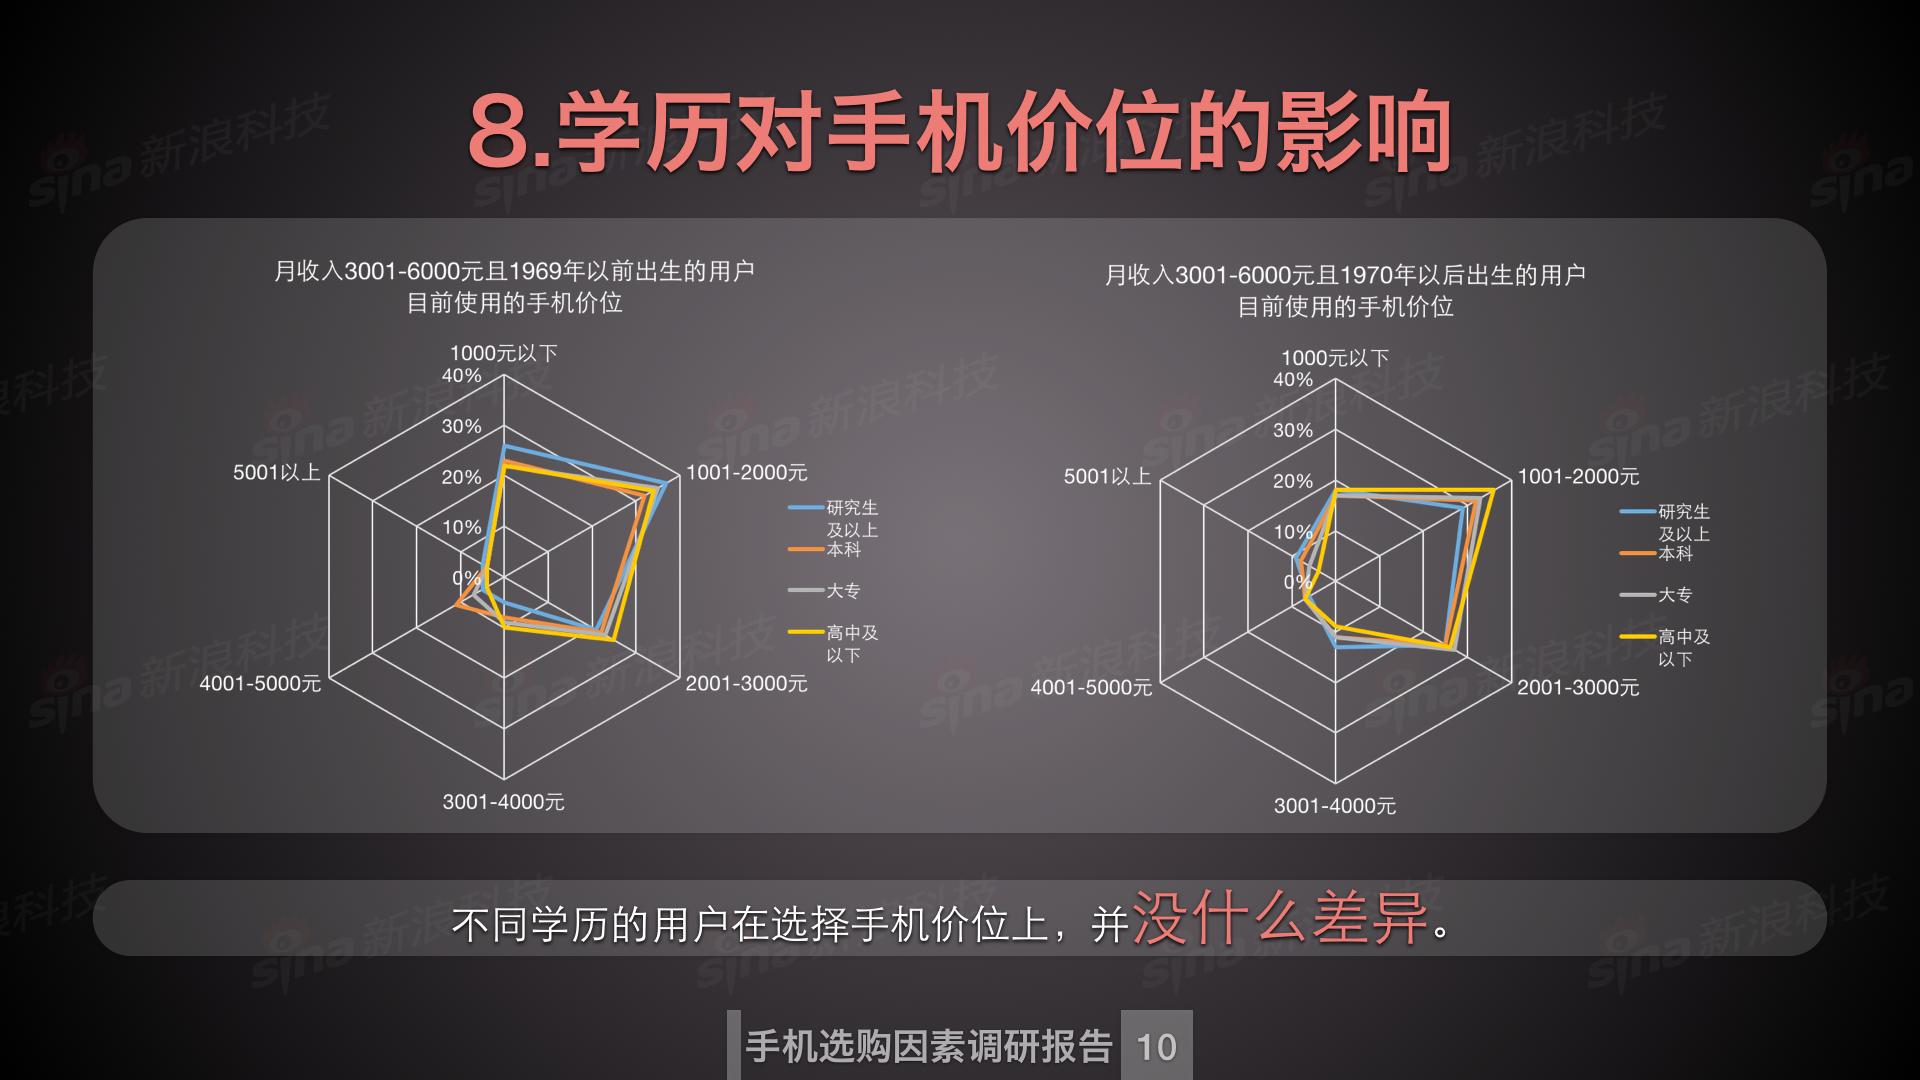 新浪科技数据中心_购买手机因素调研.011